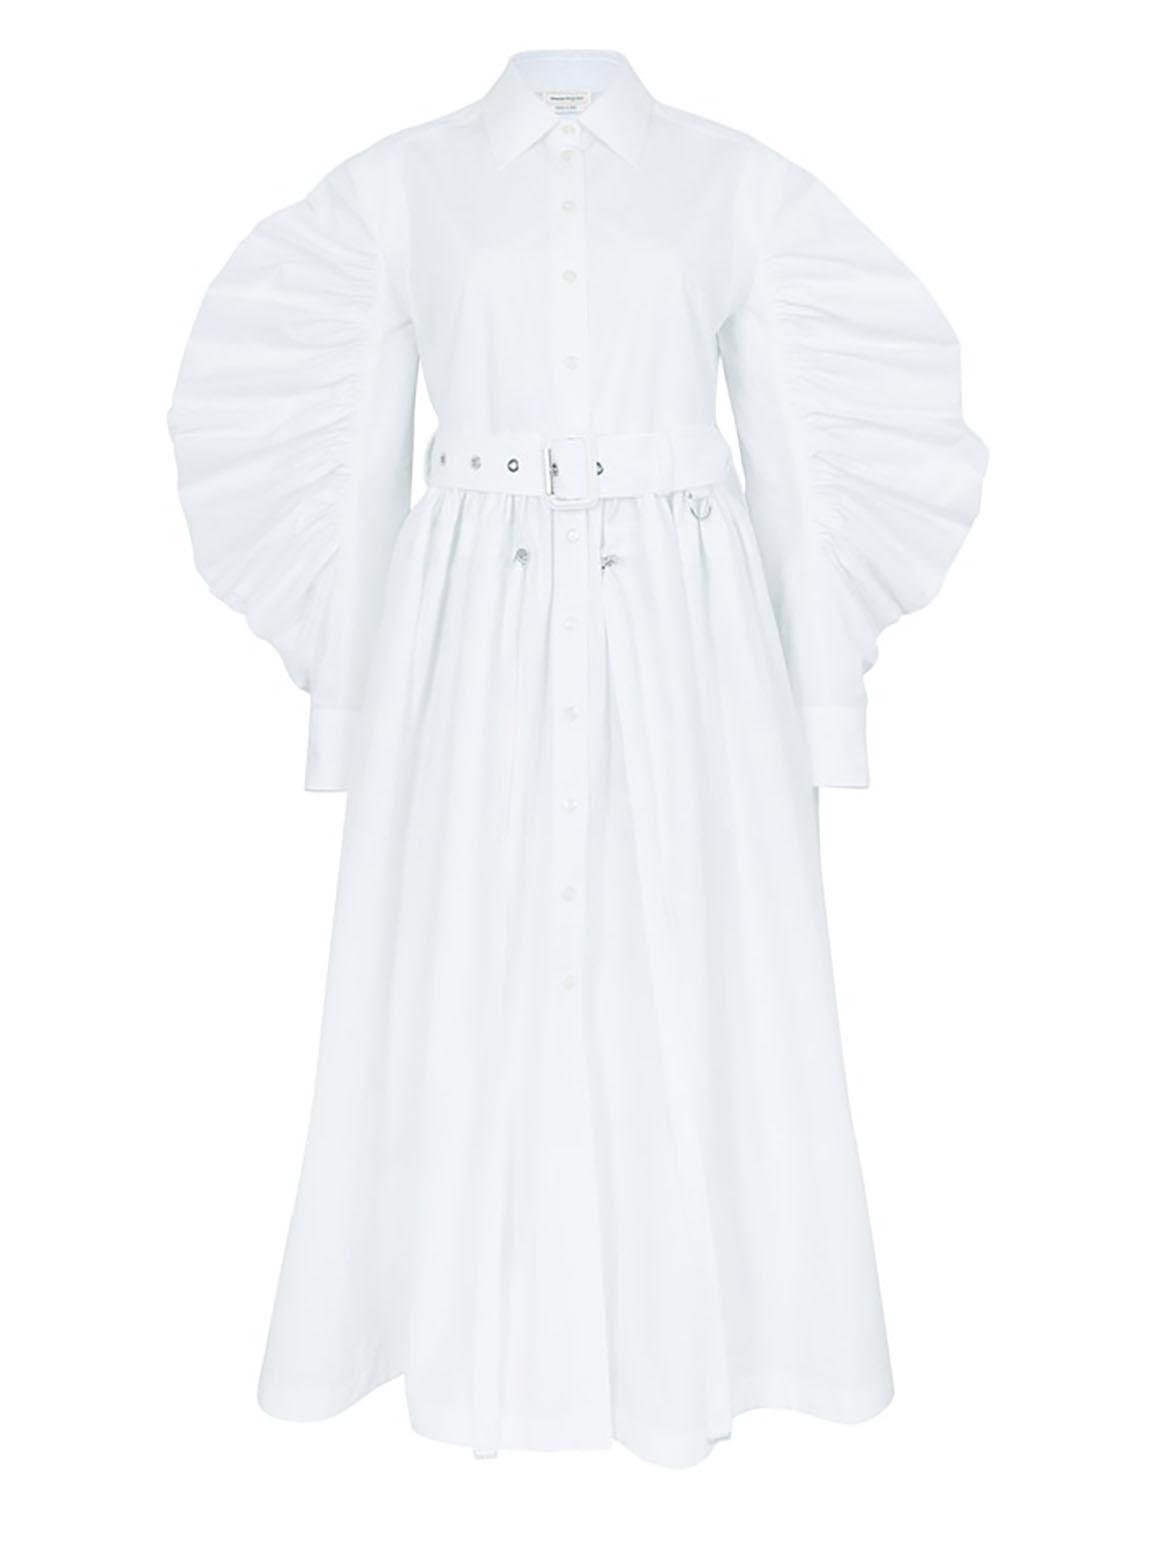 Parka shirt dress